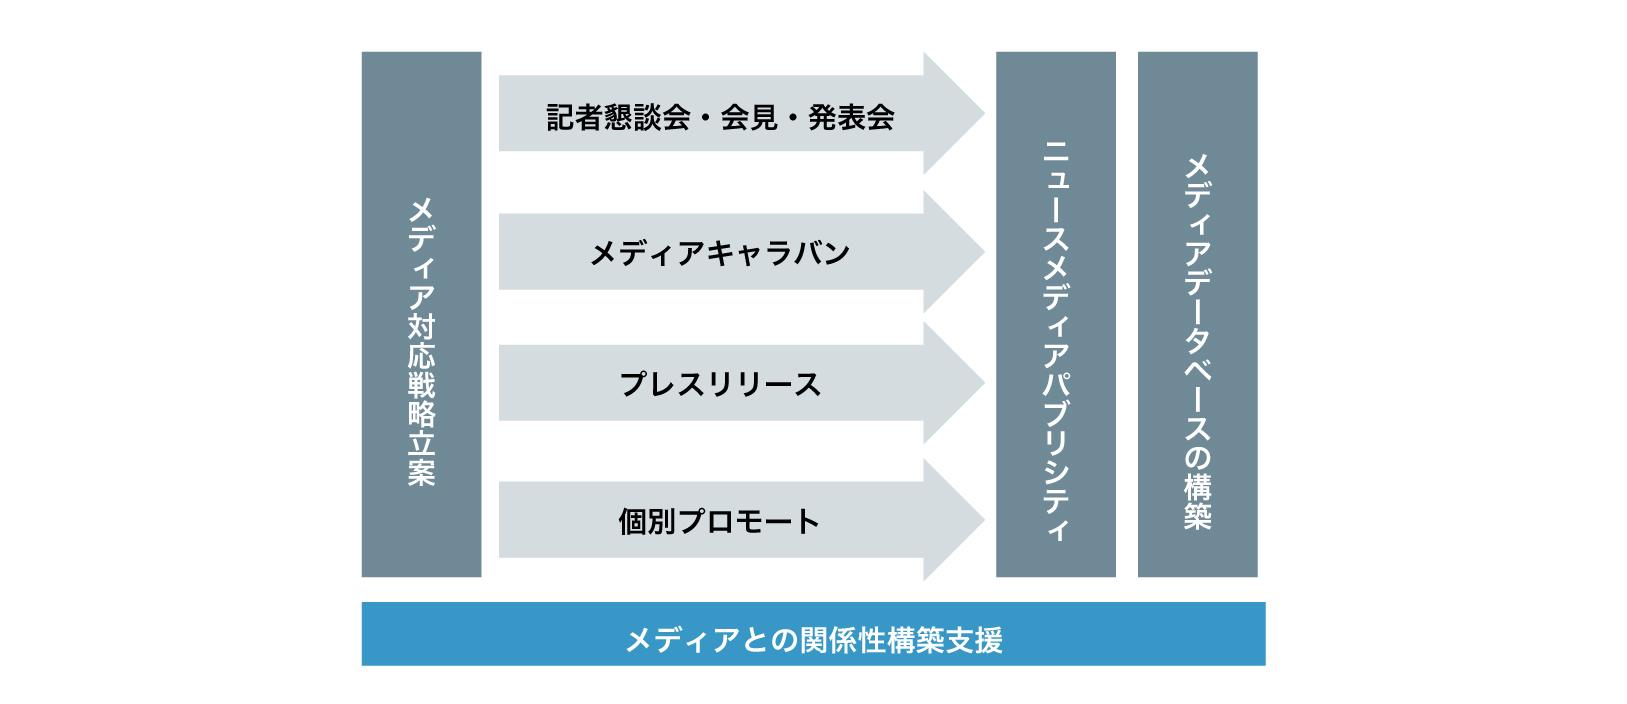 重点テーマ・業務領域